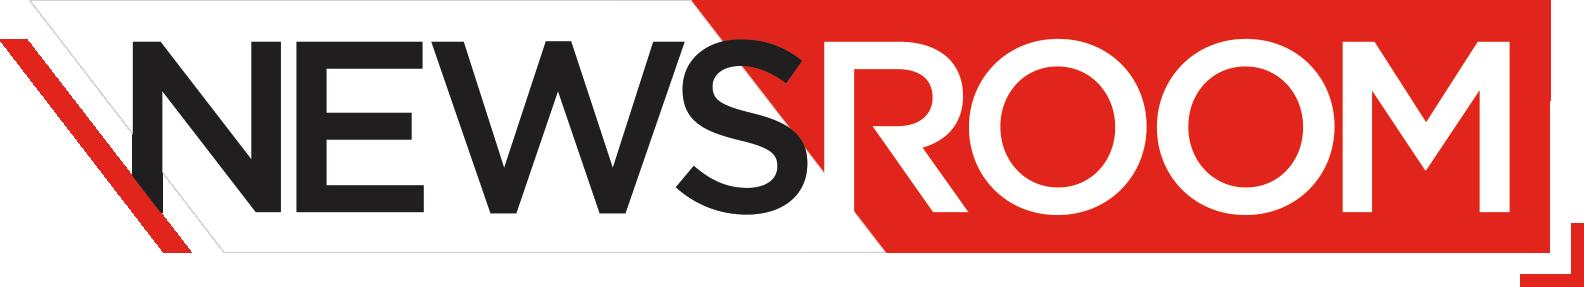 CNN Newsroom - CNN